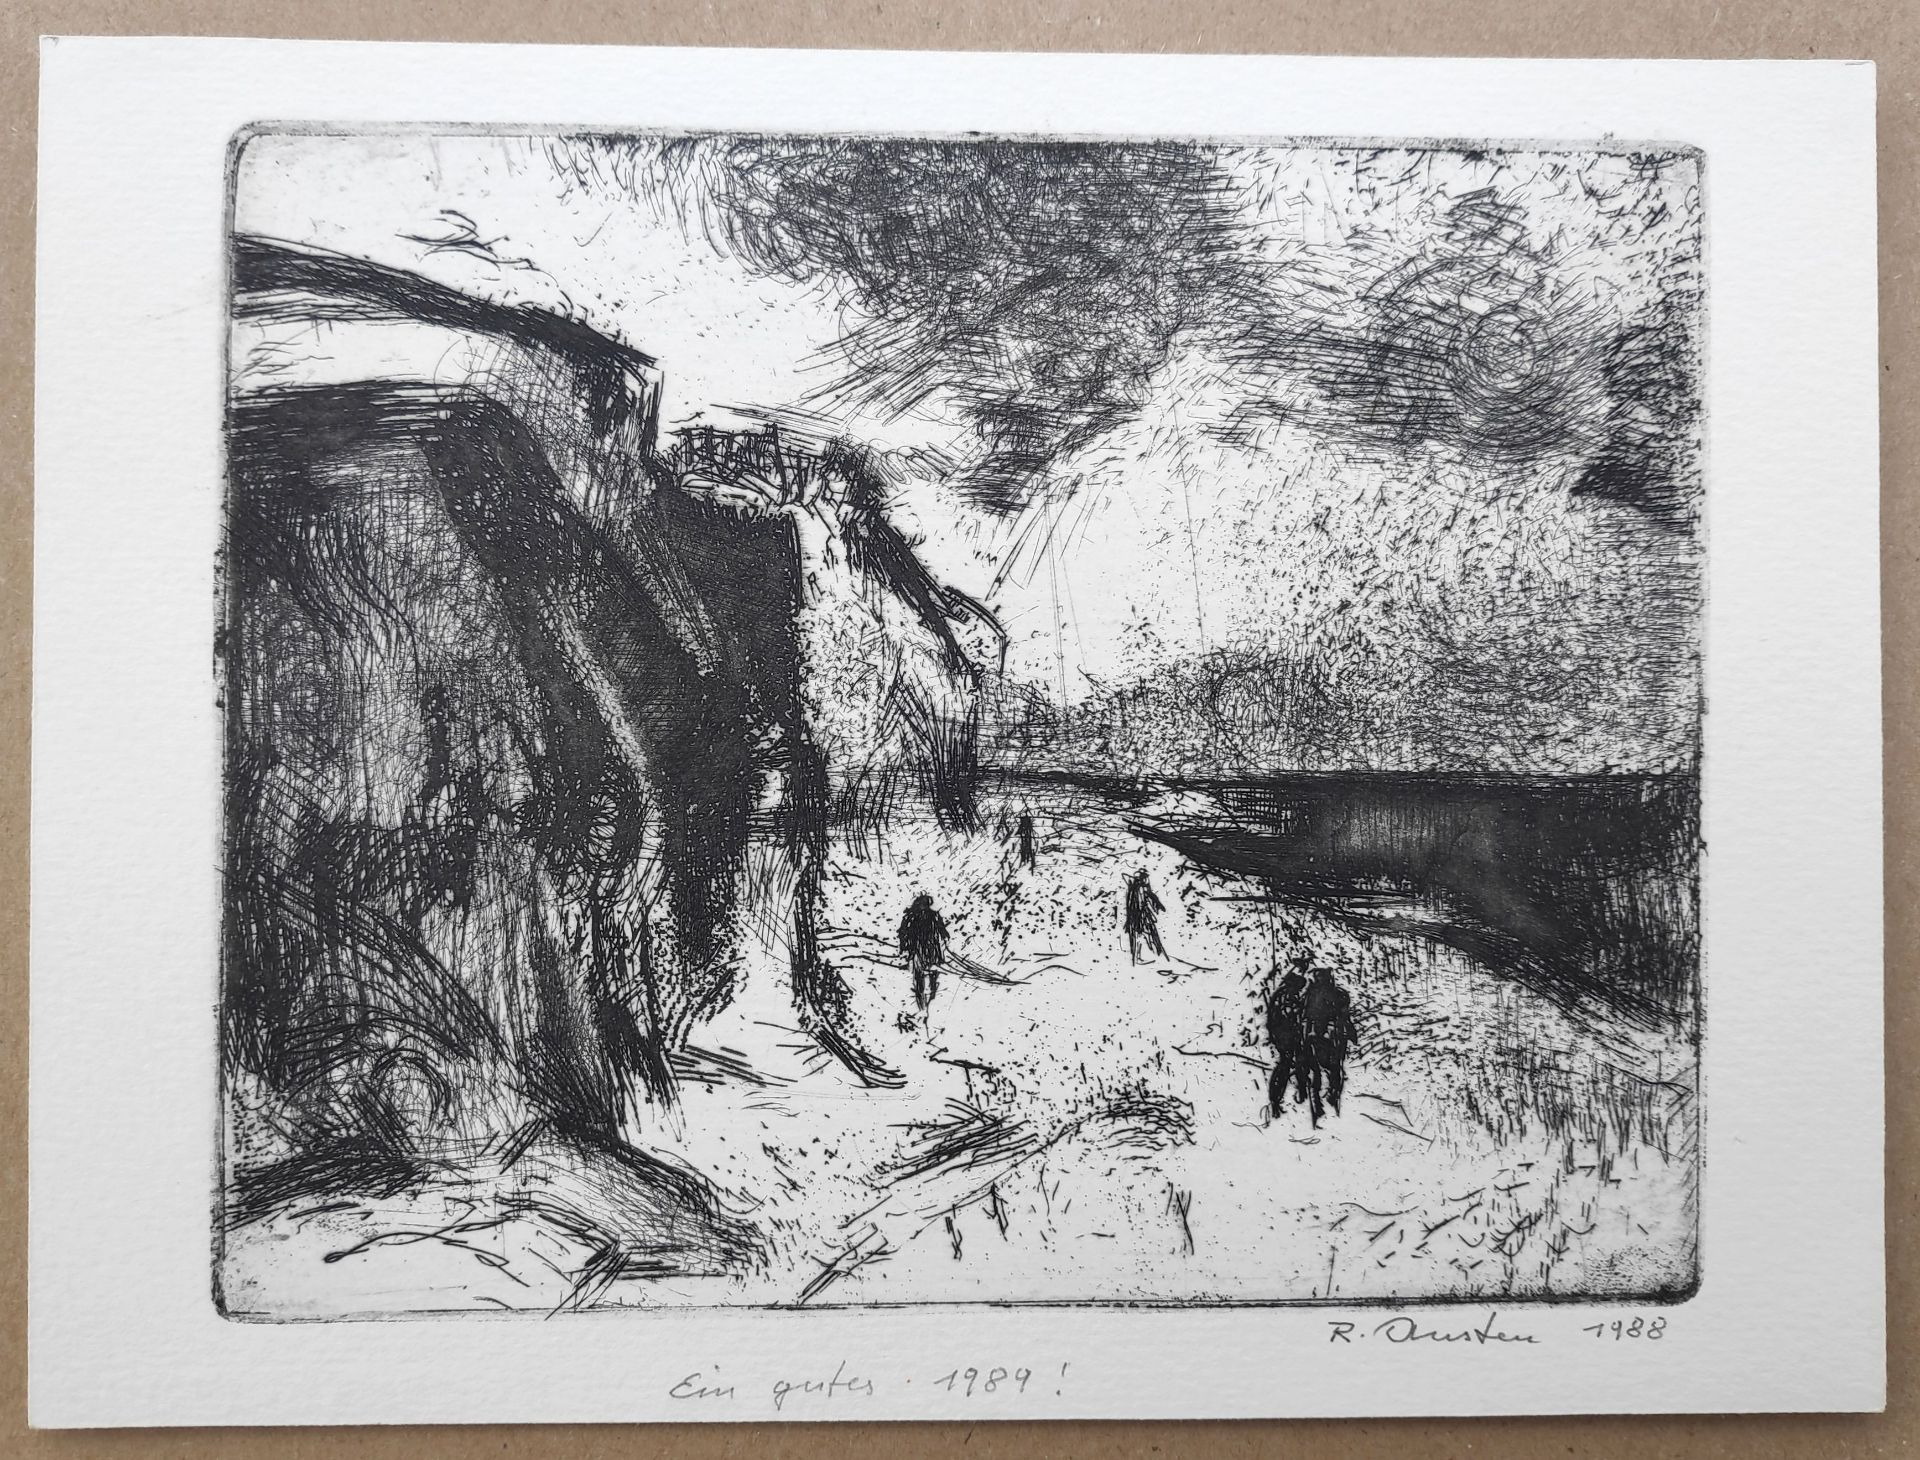 """Austen, Rudolf (1931 Hainspach – 2003 Rostock) 5 Radierungen: """"Kutter"""" (1985) / """"Steilküste"""" (1988) - Bild 3 aus 6"""